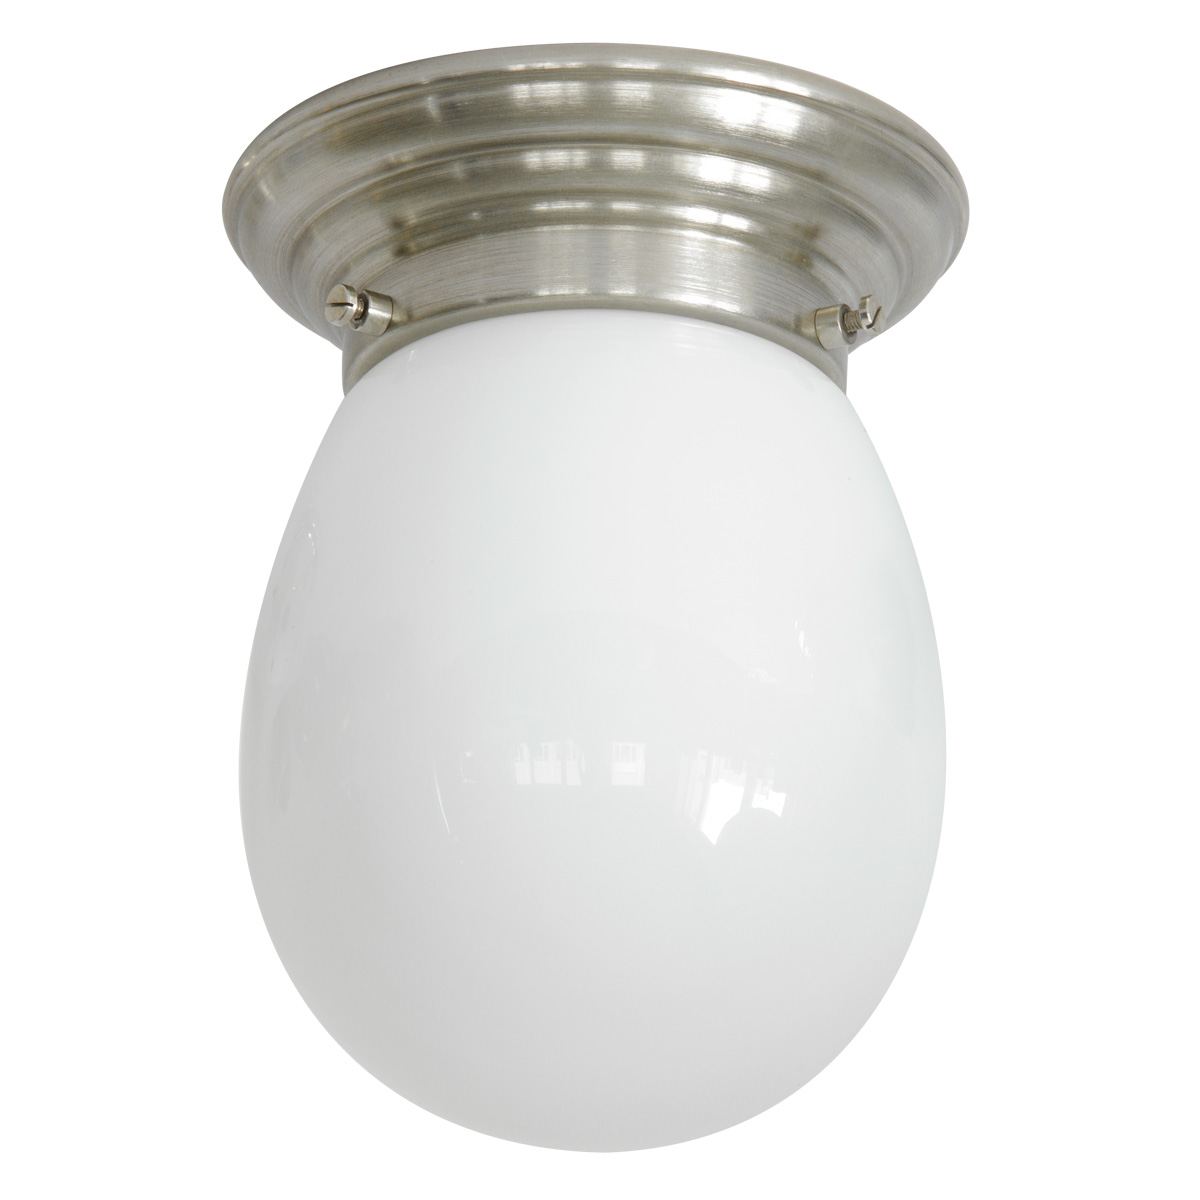 kleine deckenlampe mit tropfen opalglas 14 cm casa lumi. Black Bedroom Furniture Sets. Home Design Ideas